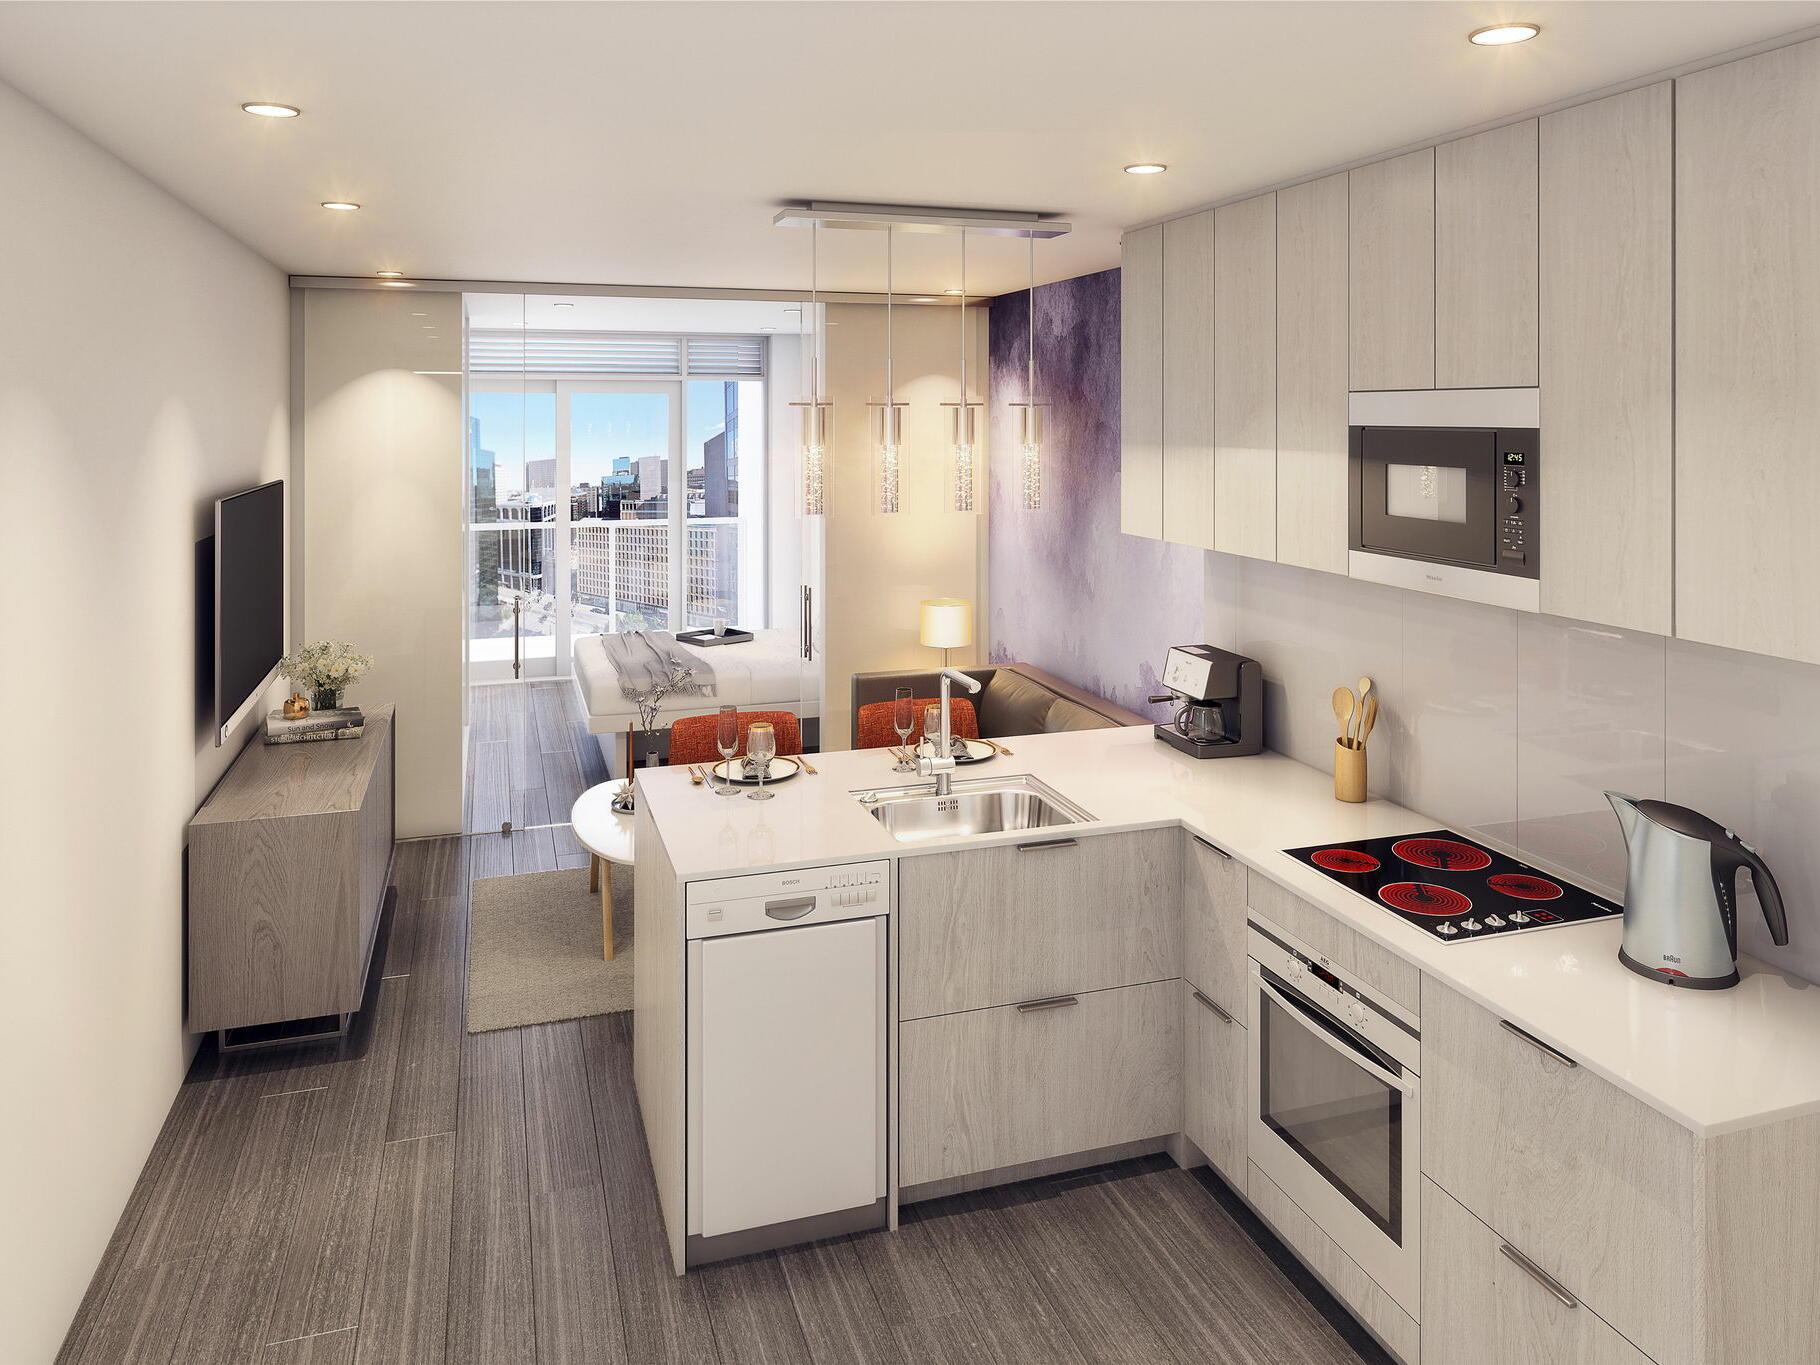 open kitchen with living room and door to bedroom